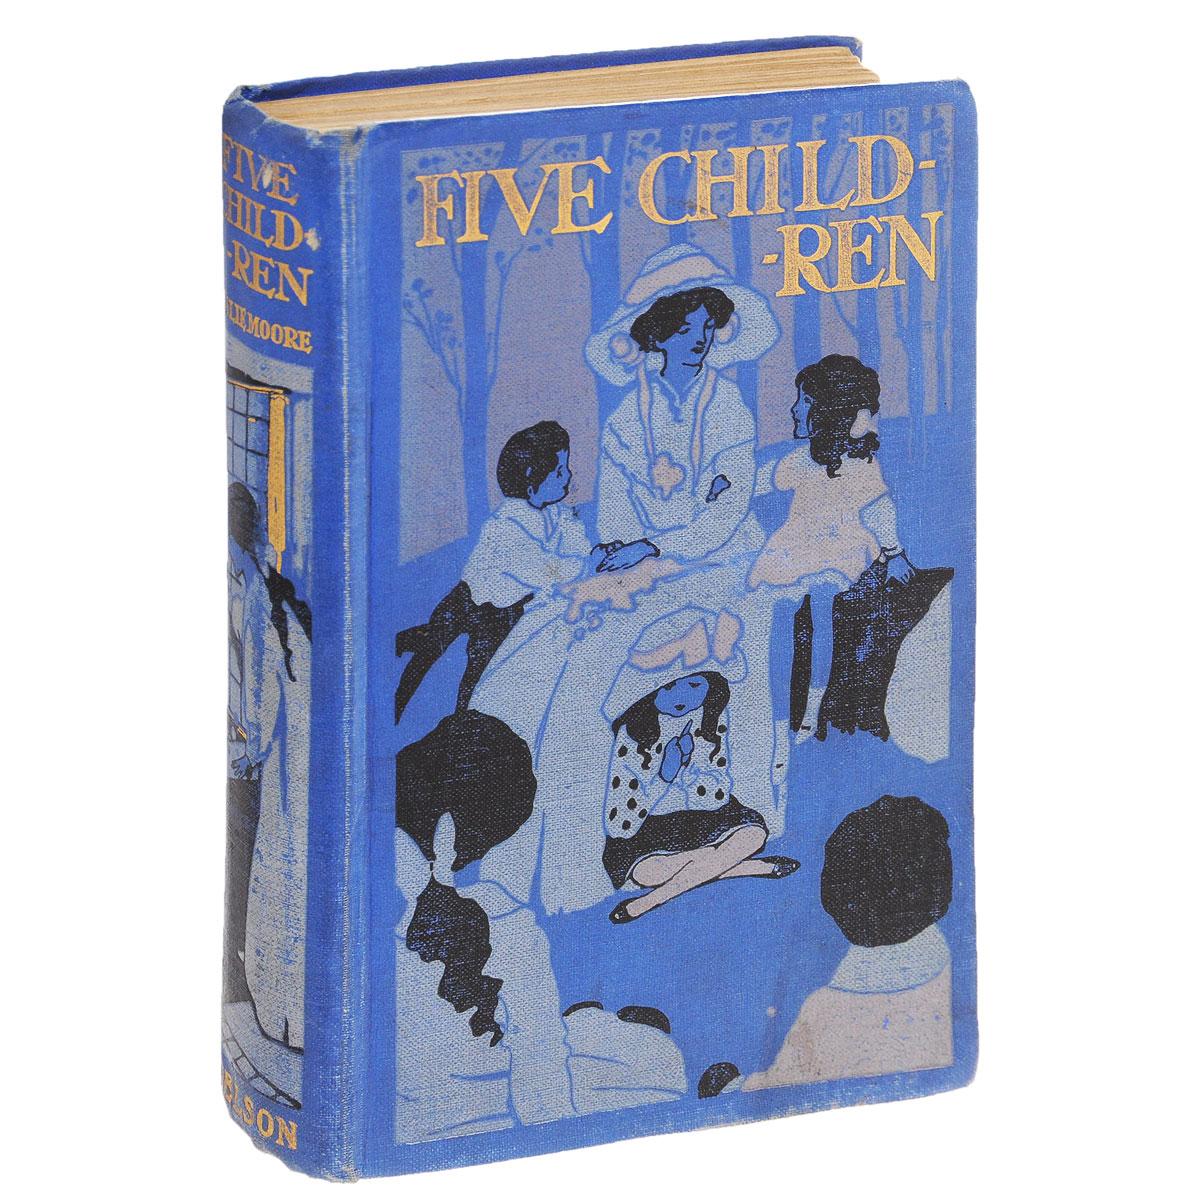 Five Children and Their AdventuresPPLCEВашему вниманию представлено антикварное издание FIVE CHILDREN AND THEIR ADVENTURES 1910 года. Издательский переплет, хорошее состояние.